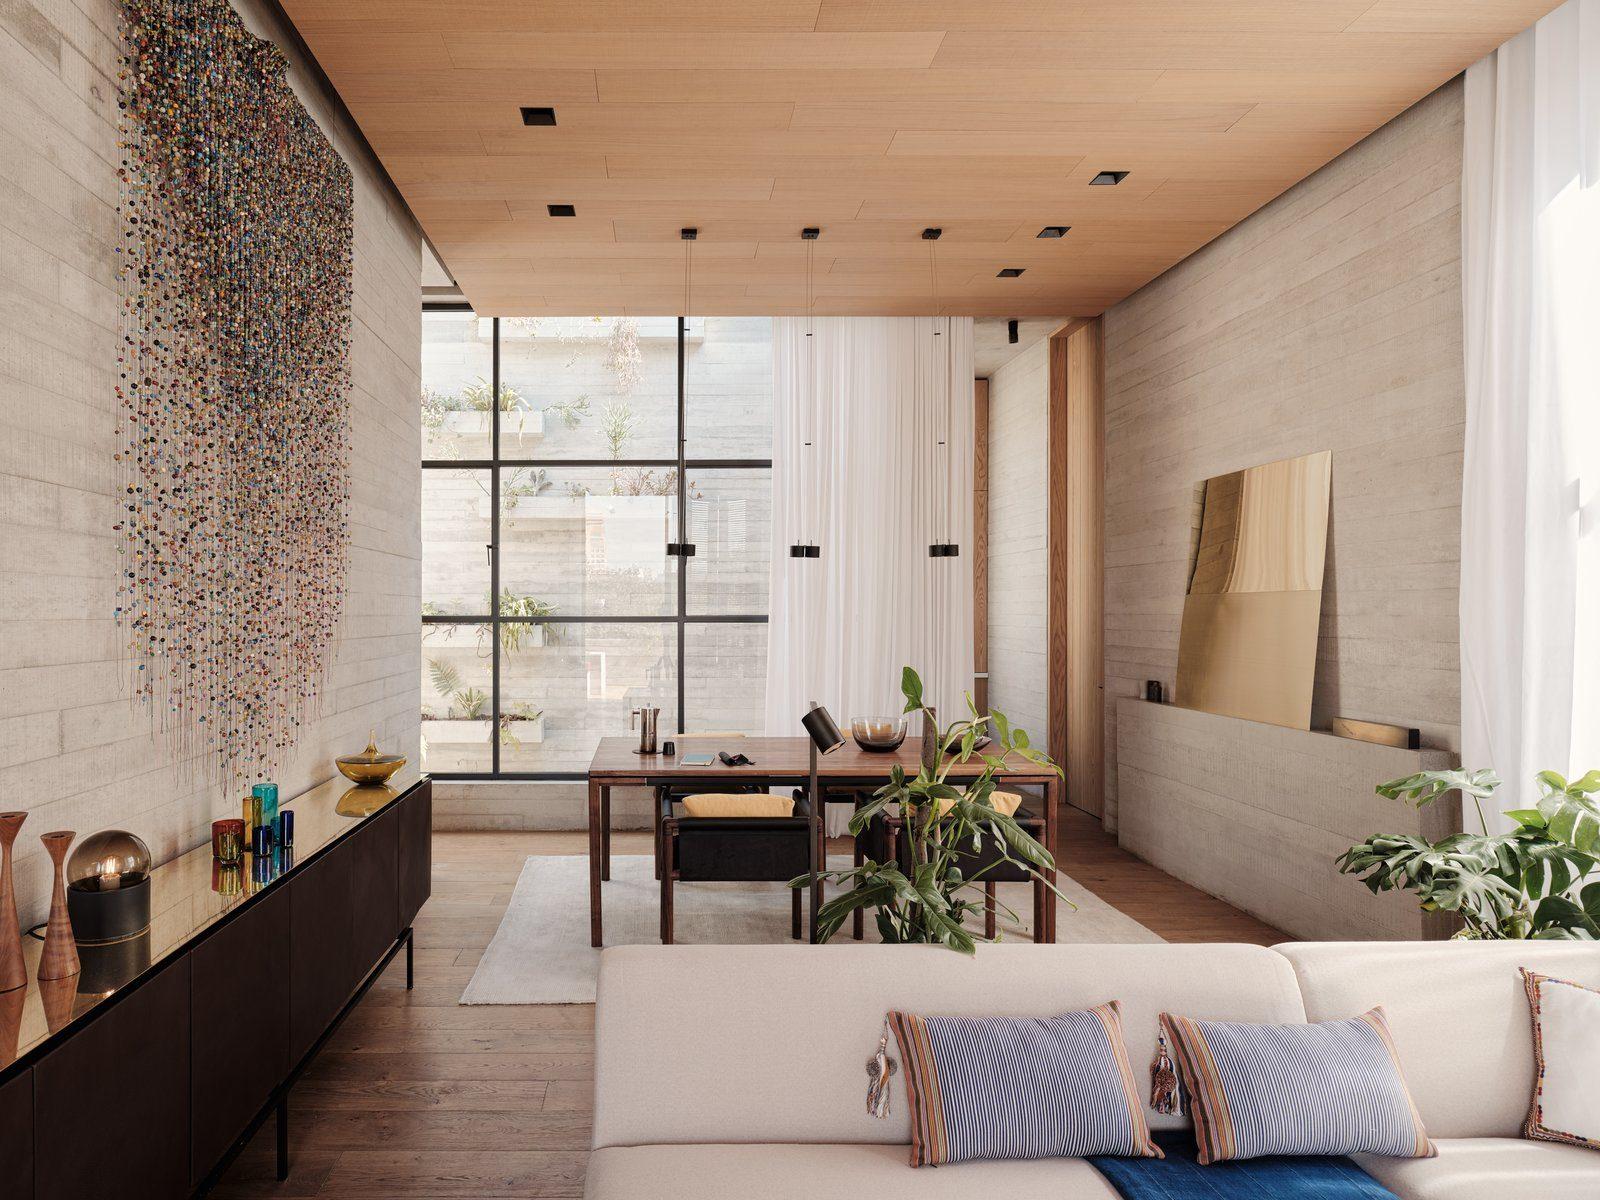 Tennyson-205-Apartment-designalive_bonus-3